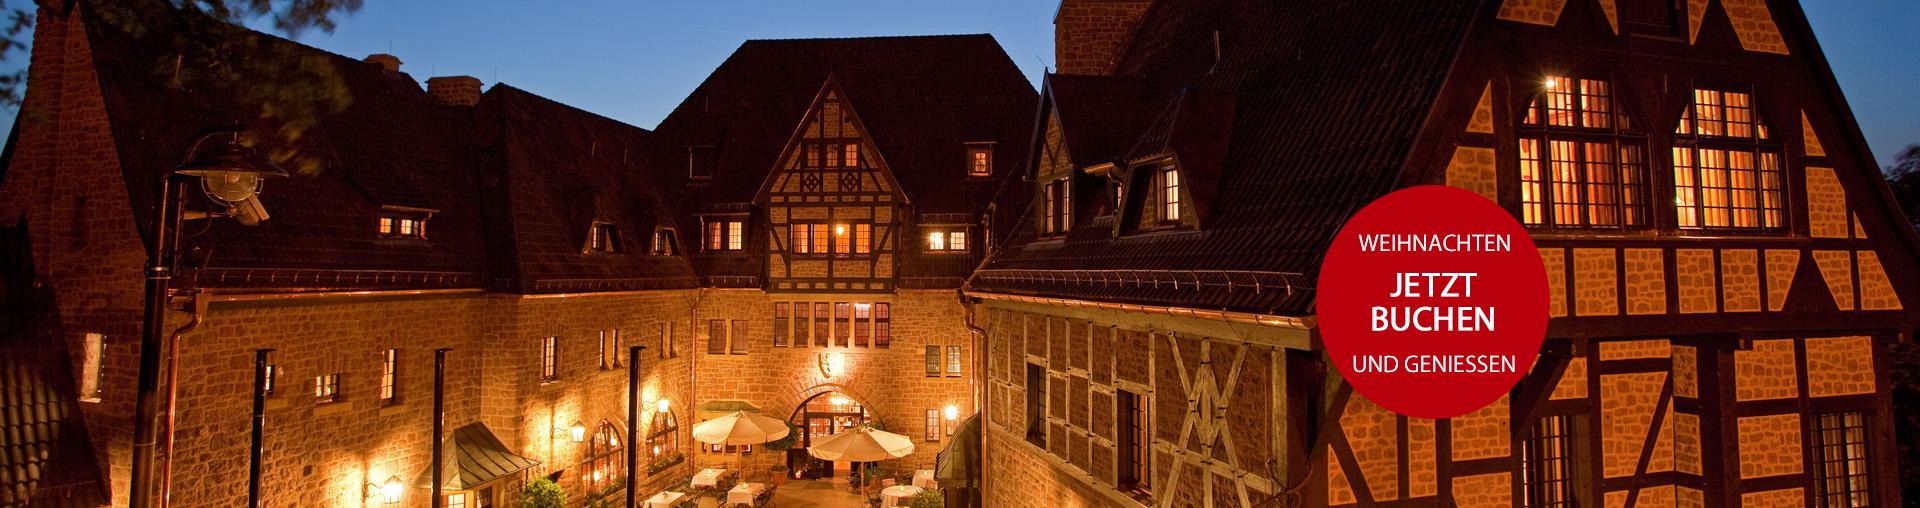 Angebot Weihnachten im Romantik Hotel auf der Wartburg in Eisenach